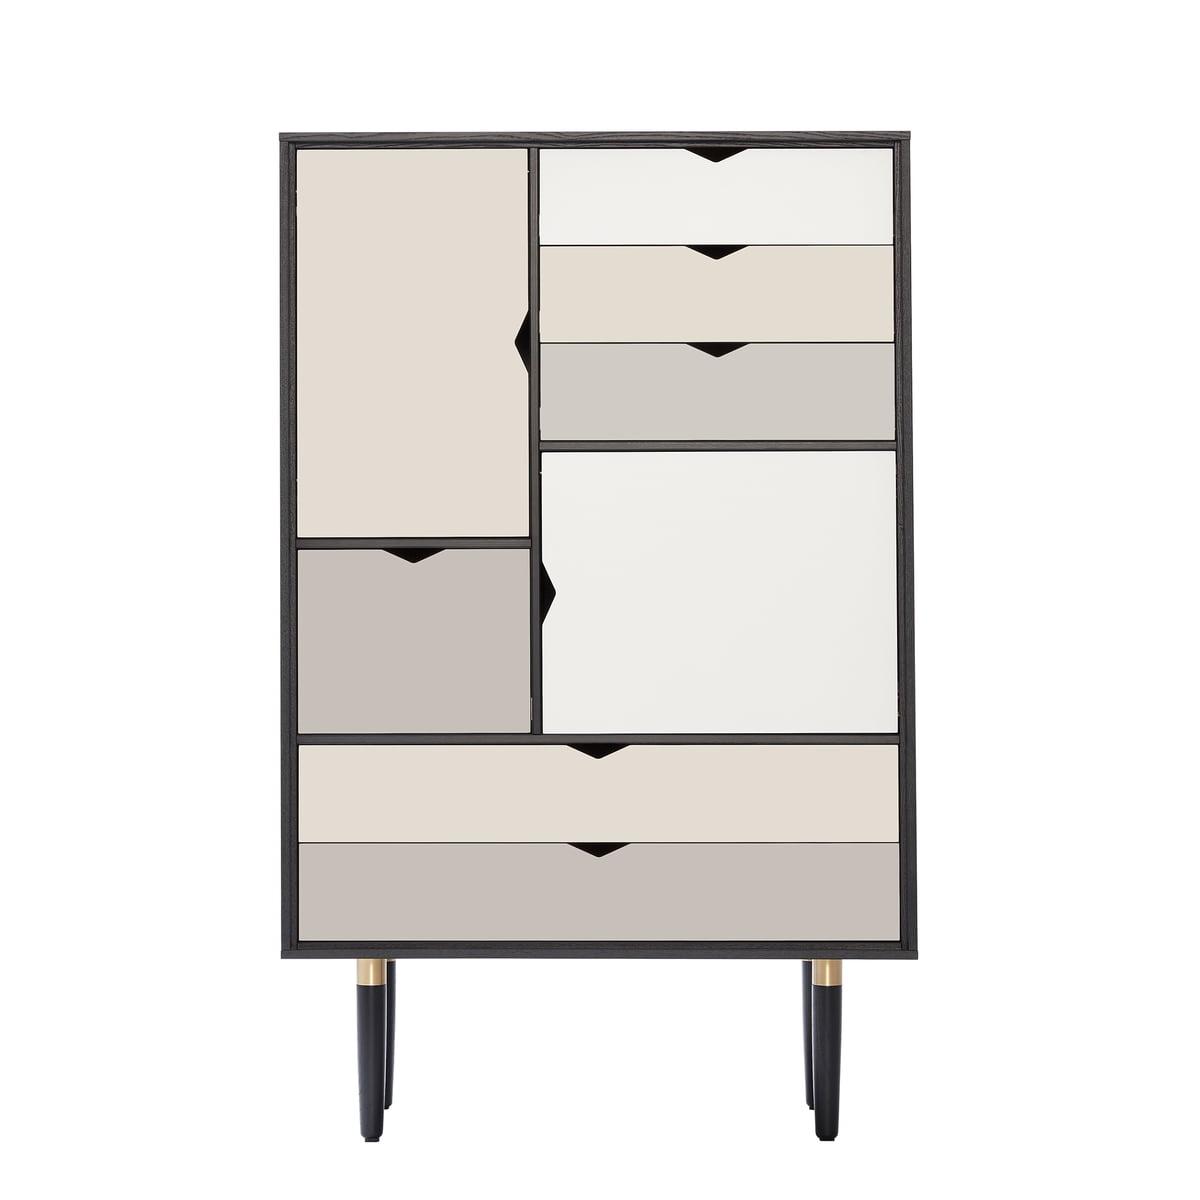 bescheiden wohnzimmer schwarz silber beige - andersen furniture s5 kommode eiche schwarz lackiert